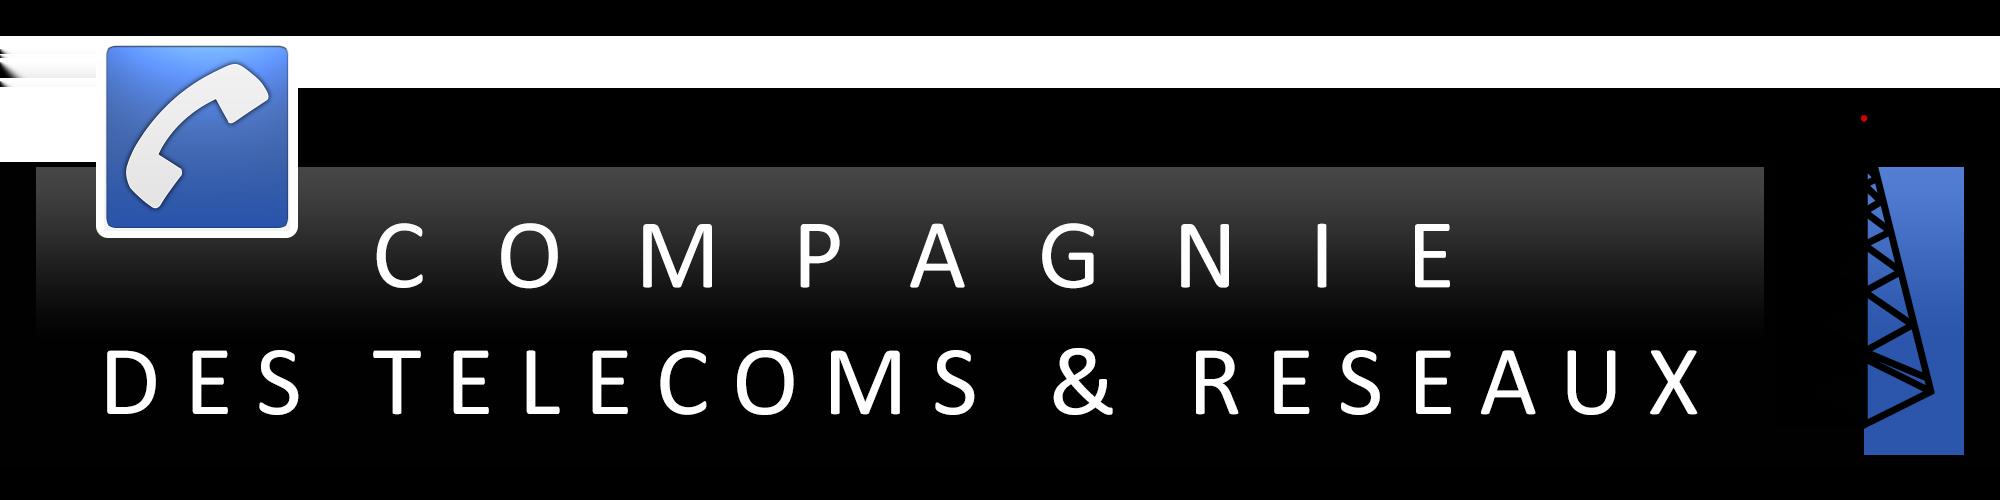 Compagnie des Télécoms & Réseaux